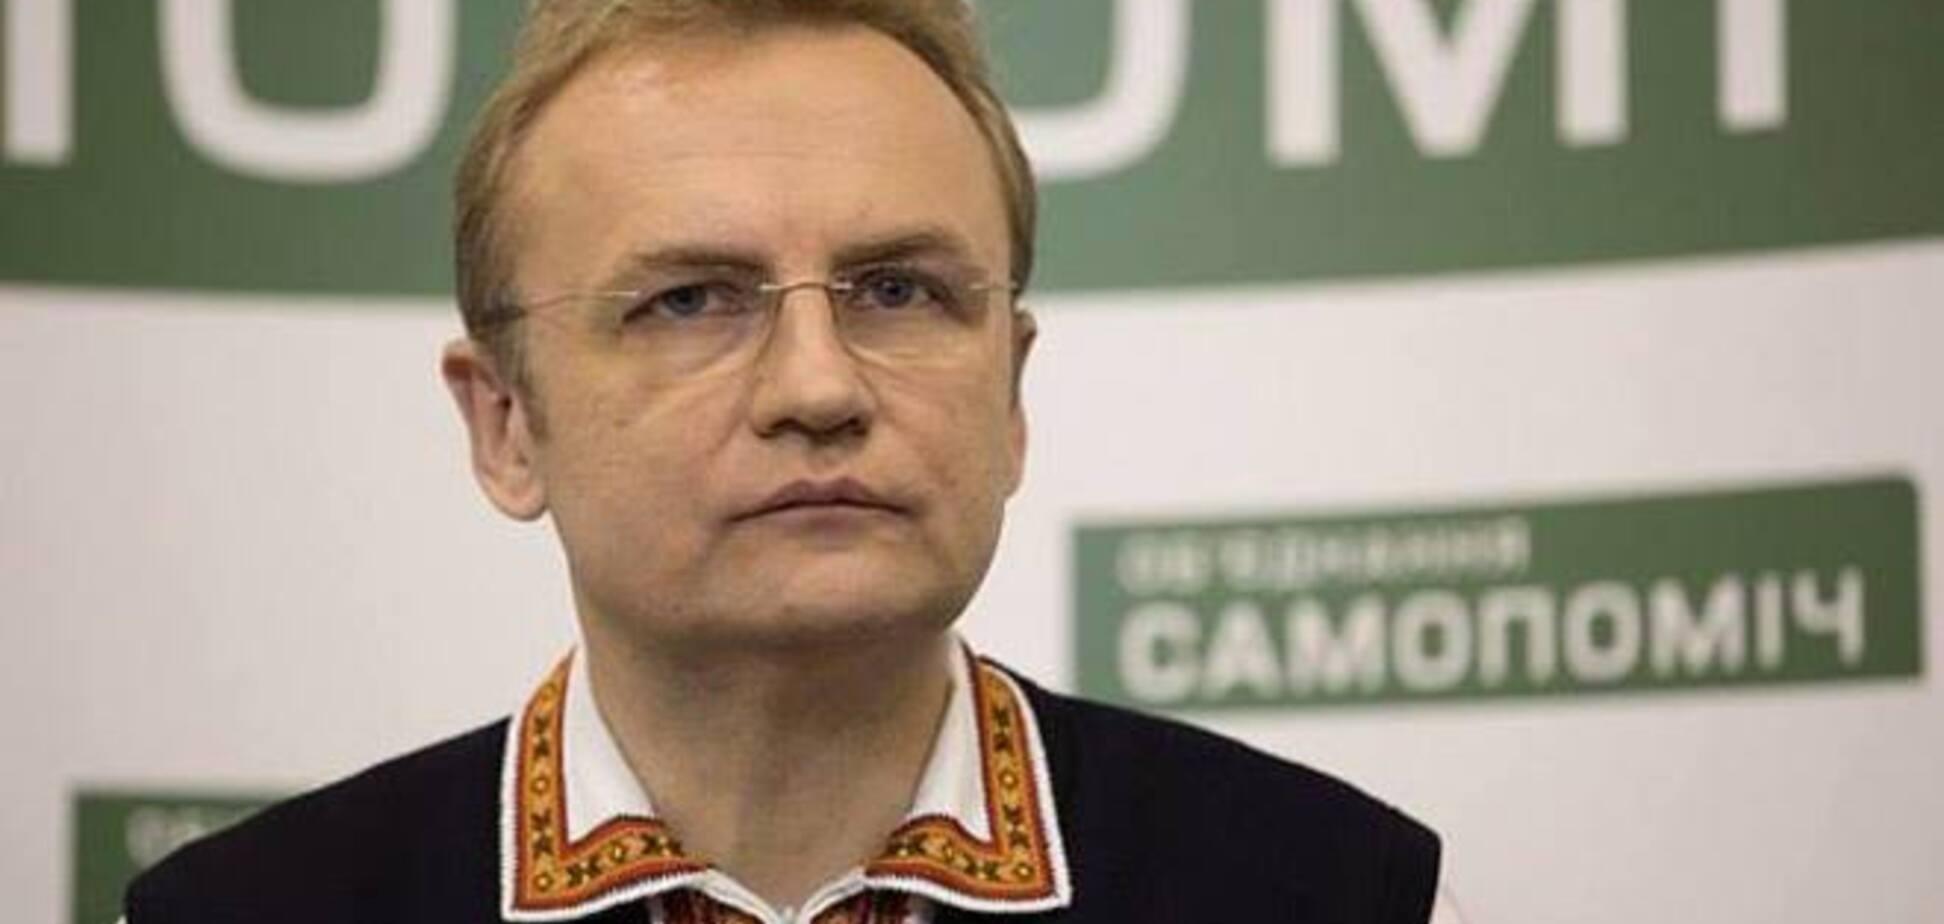 Садовый отказался от должности в Кабмине